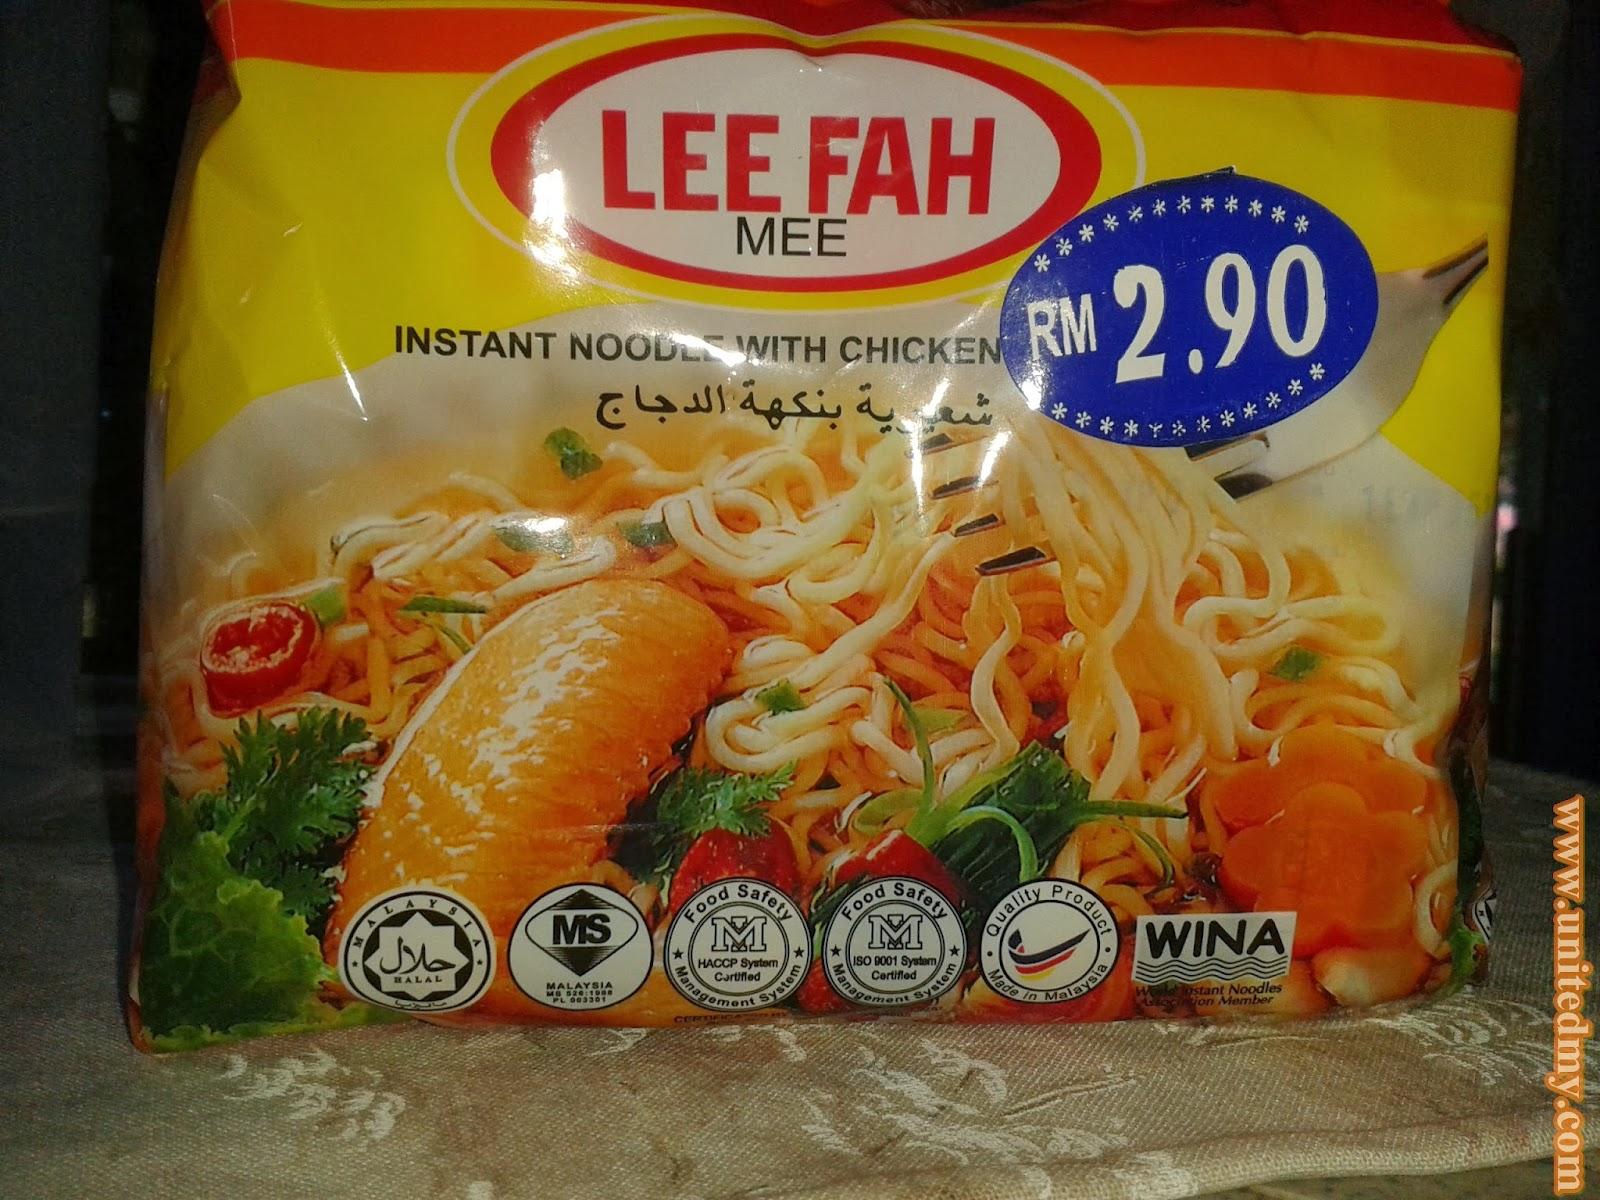 Instant noodle lee fah